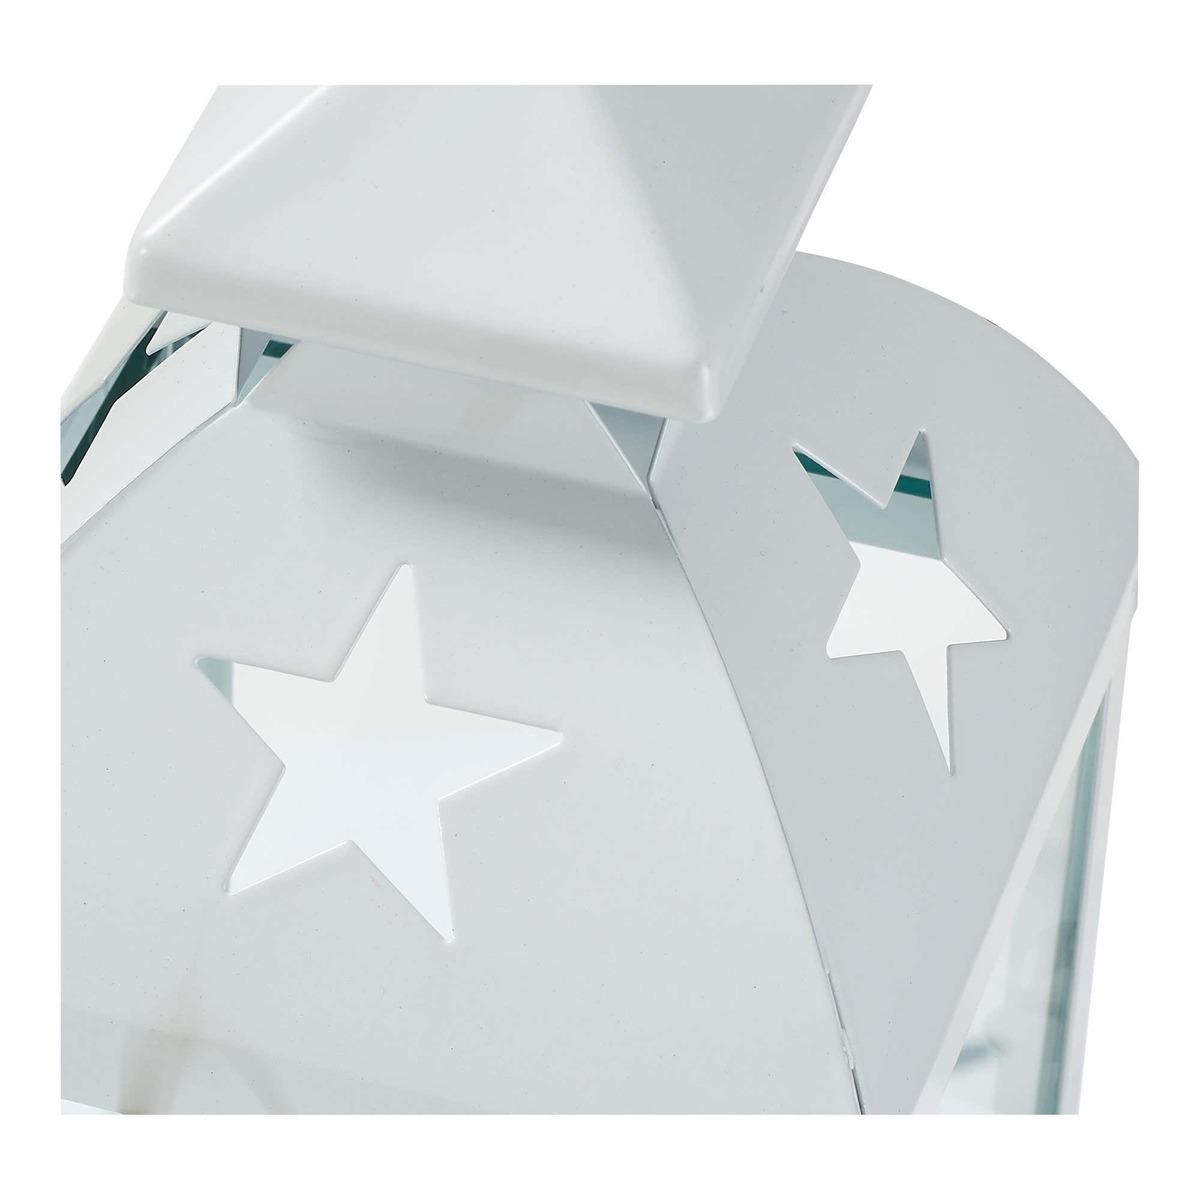 Bild 3 von Laterne mit Sternausschnitten, ca. 11x11x23cm